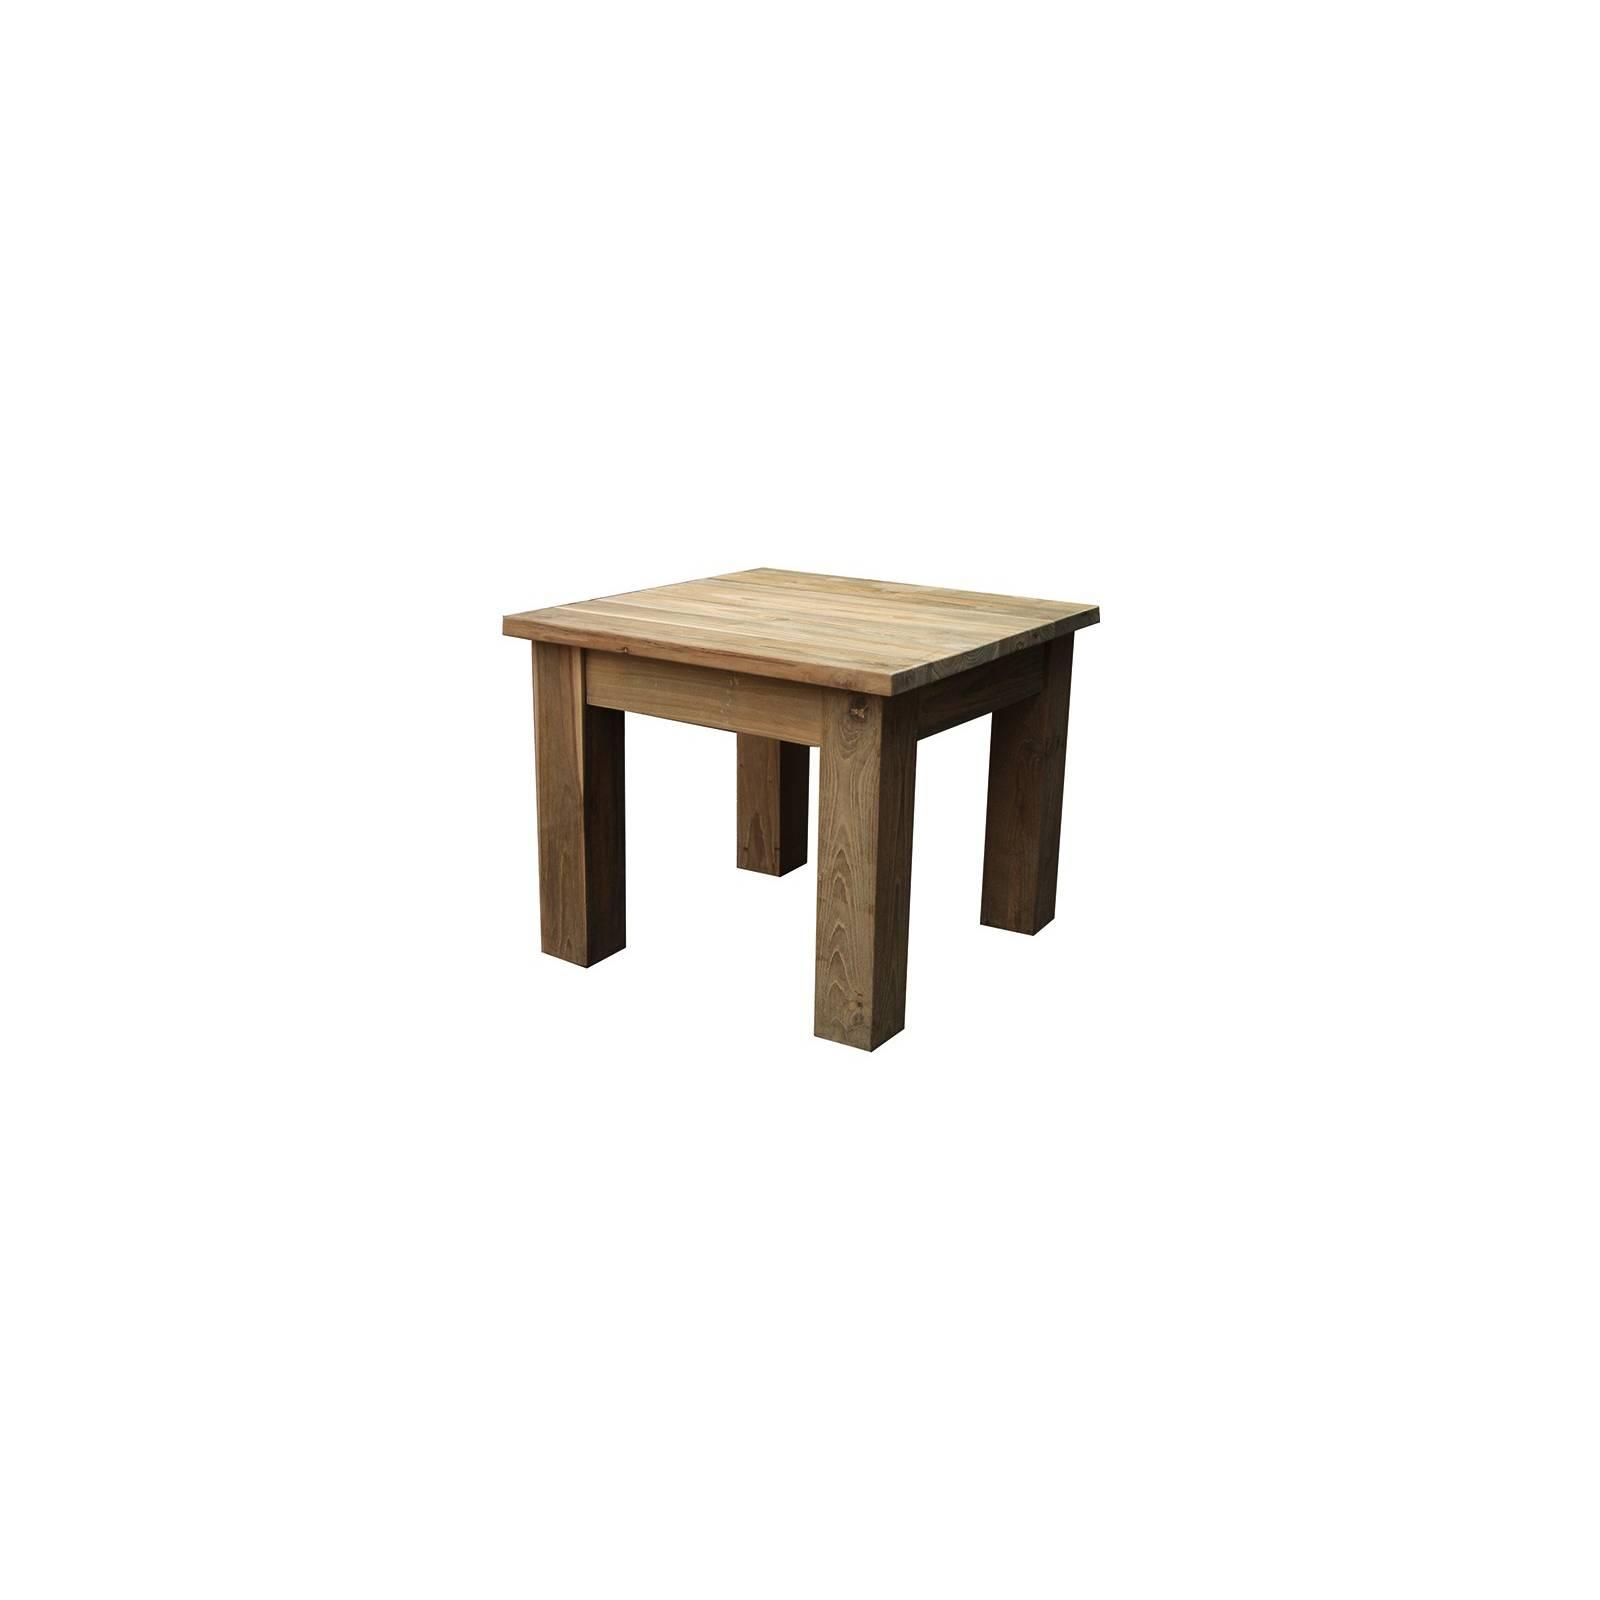 Table Basse Carré Greenface Teck Recyclé - style ethnique